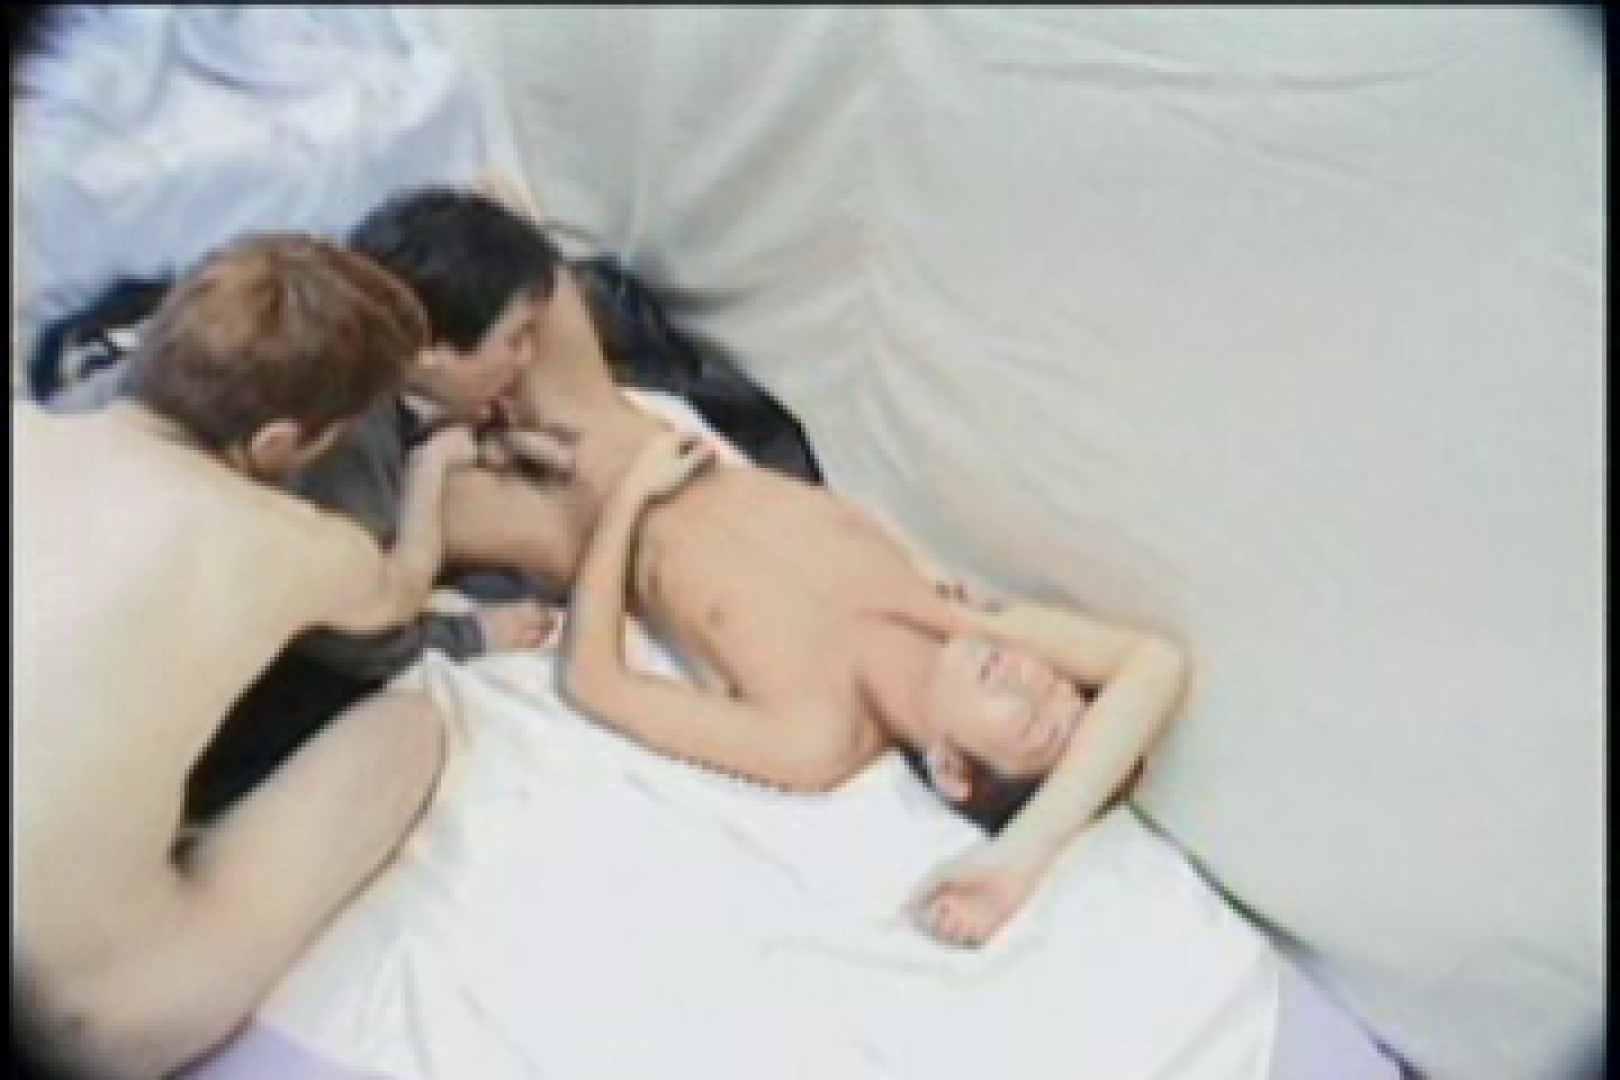 ゲイリーマンズの日常的フェラ三昧(オムニバス) 男祭り ゲイ精子画像 76枚 14